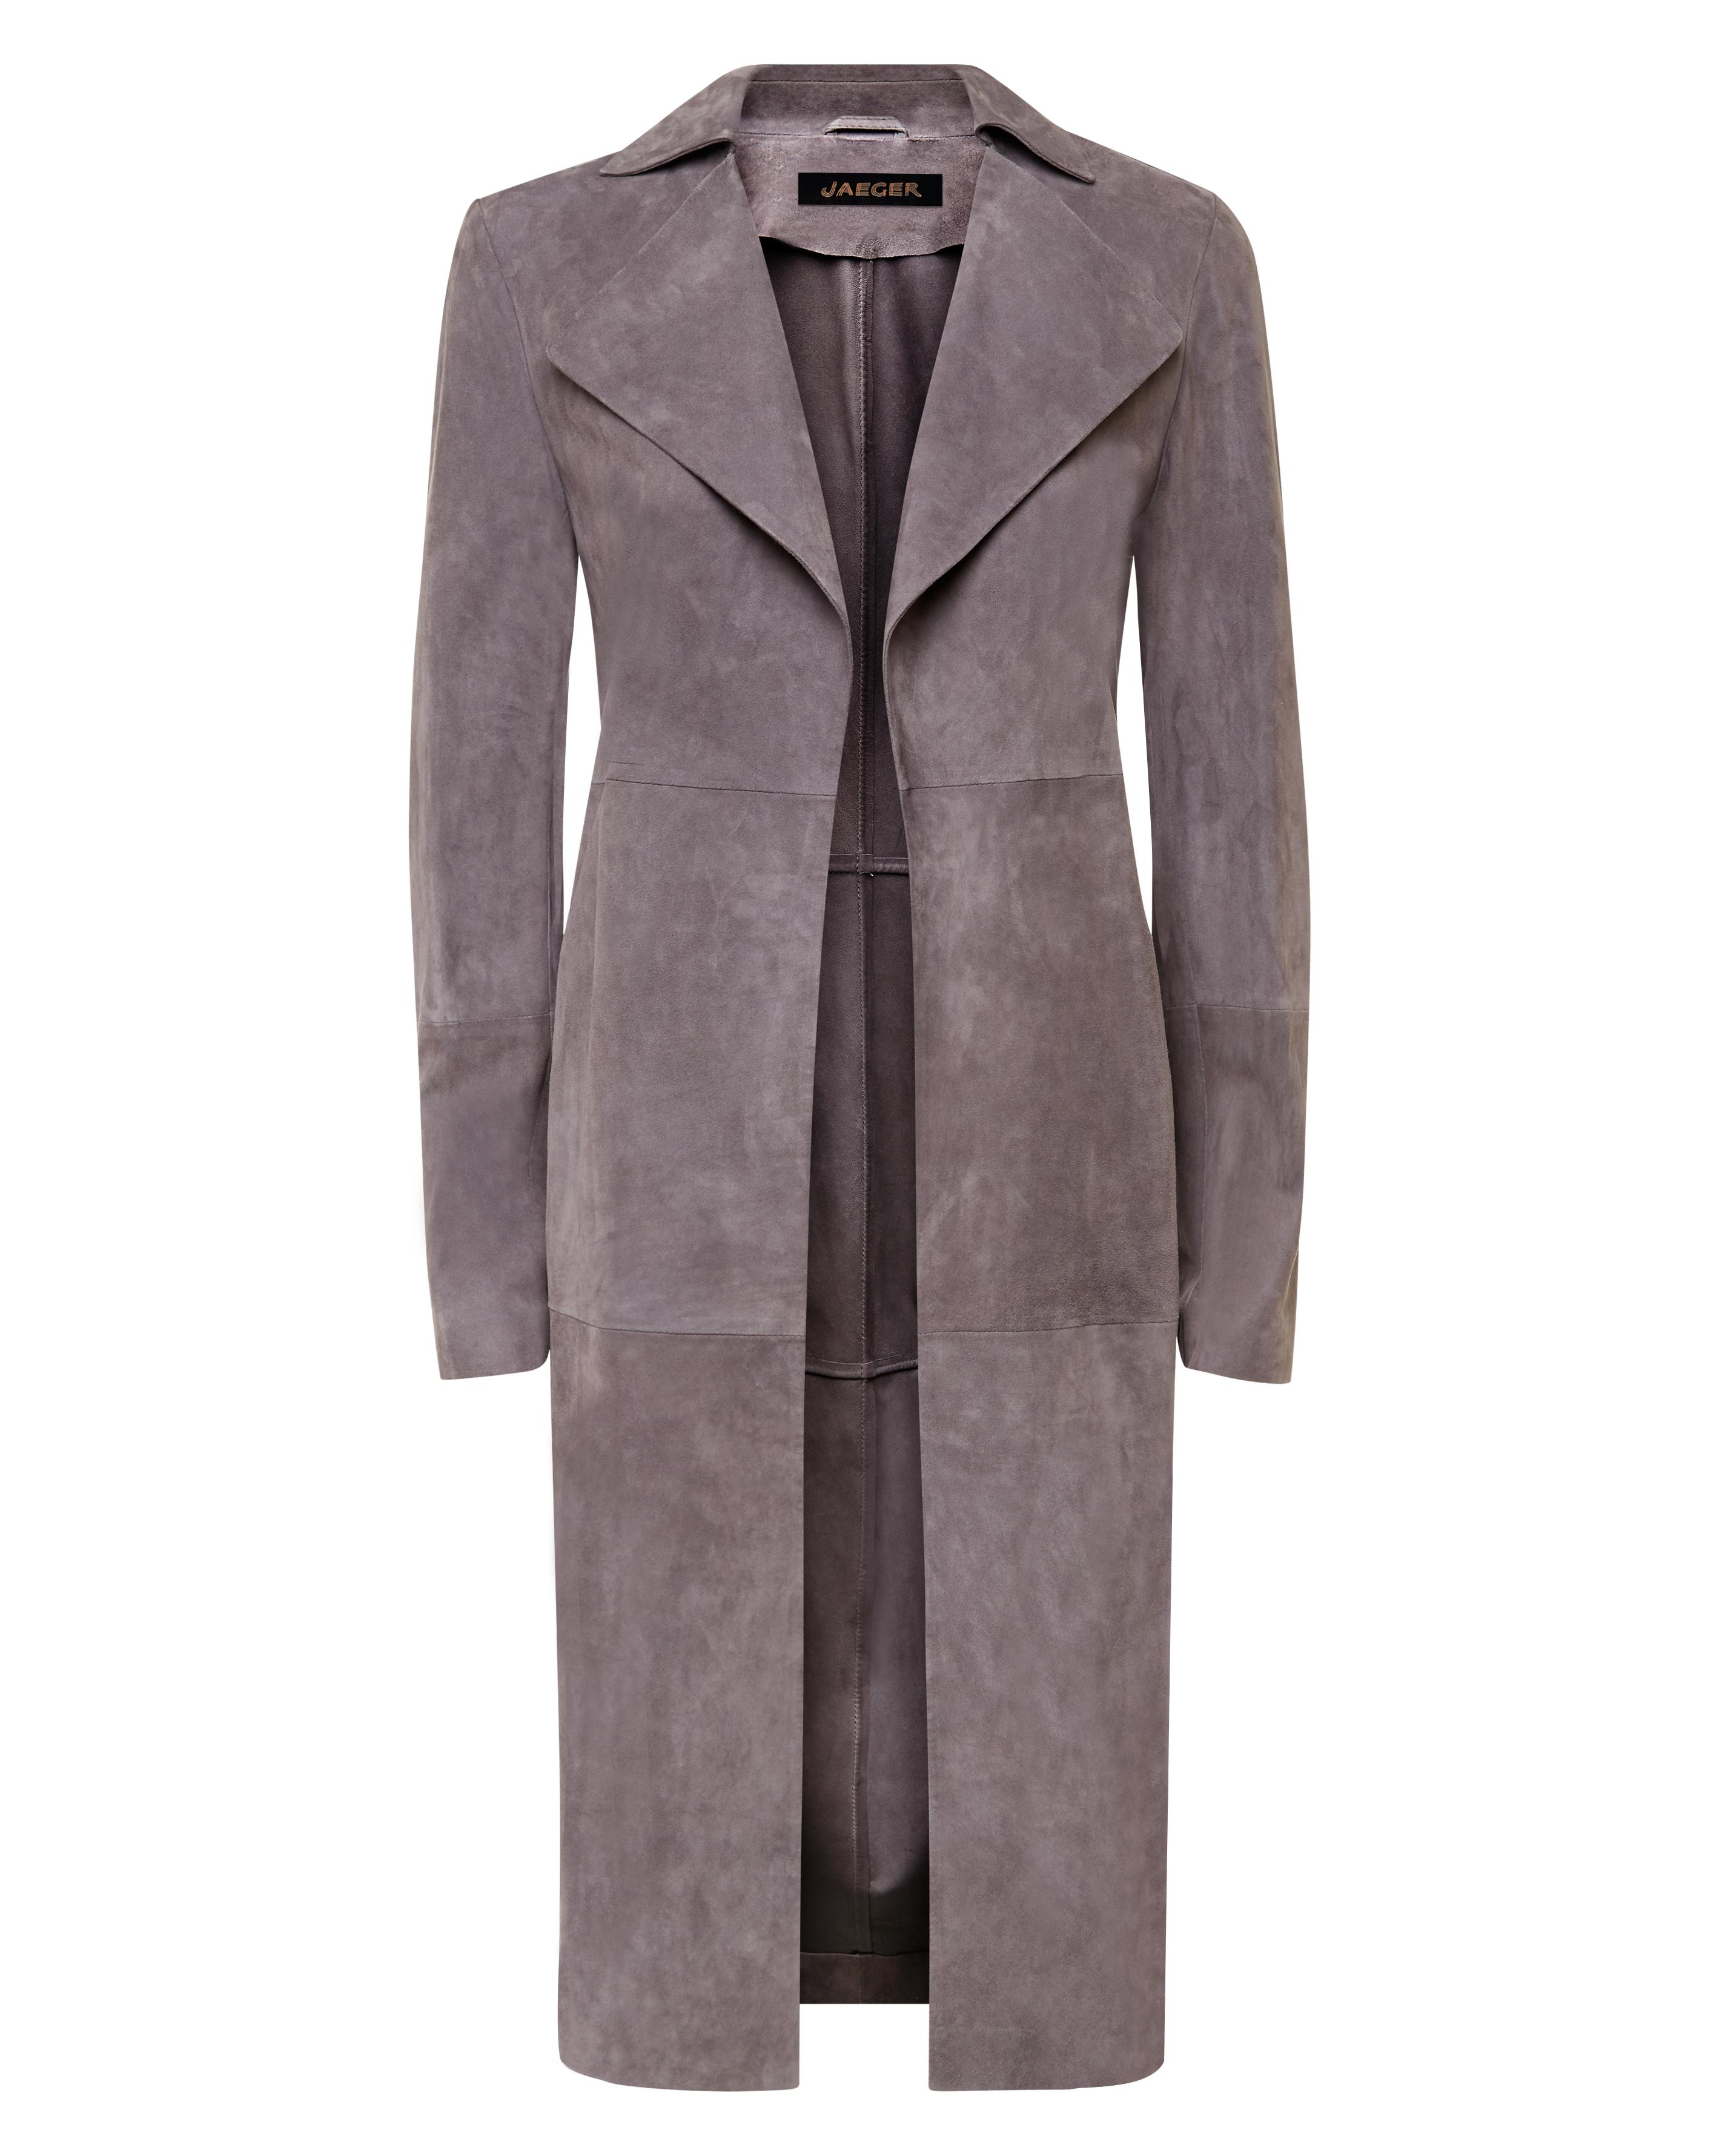 jaeger_suede coat